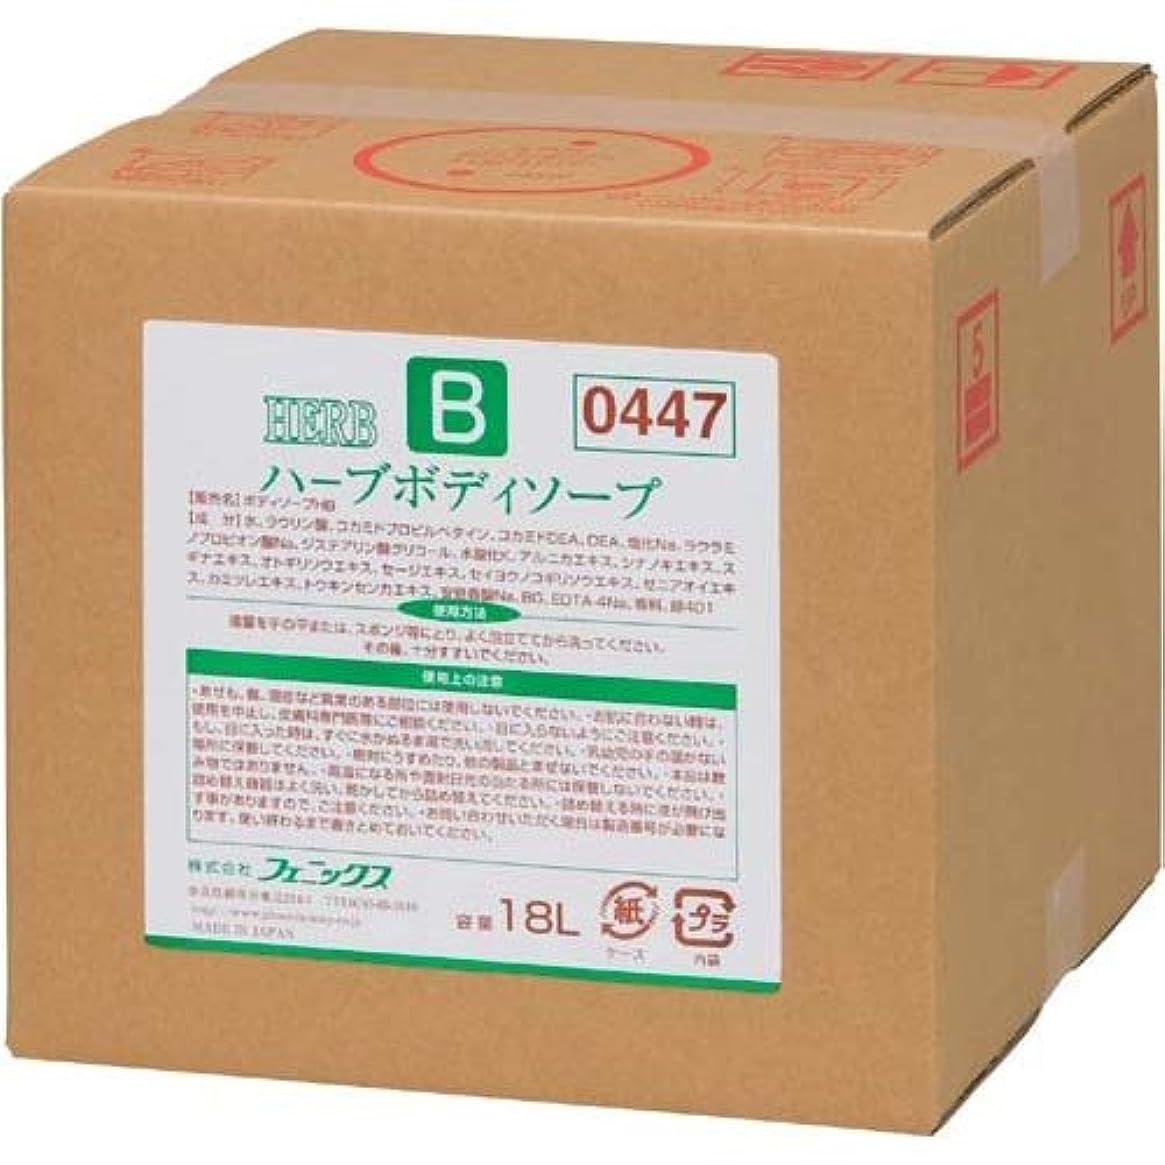 クレデンシャル構想する意気込みフェニックス ハーブ ボディーソープ 18L(コック付) 【品番】ZBD1403